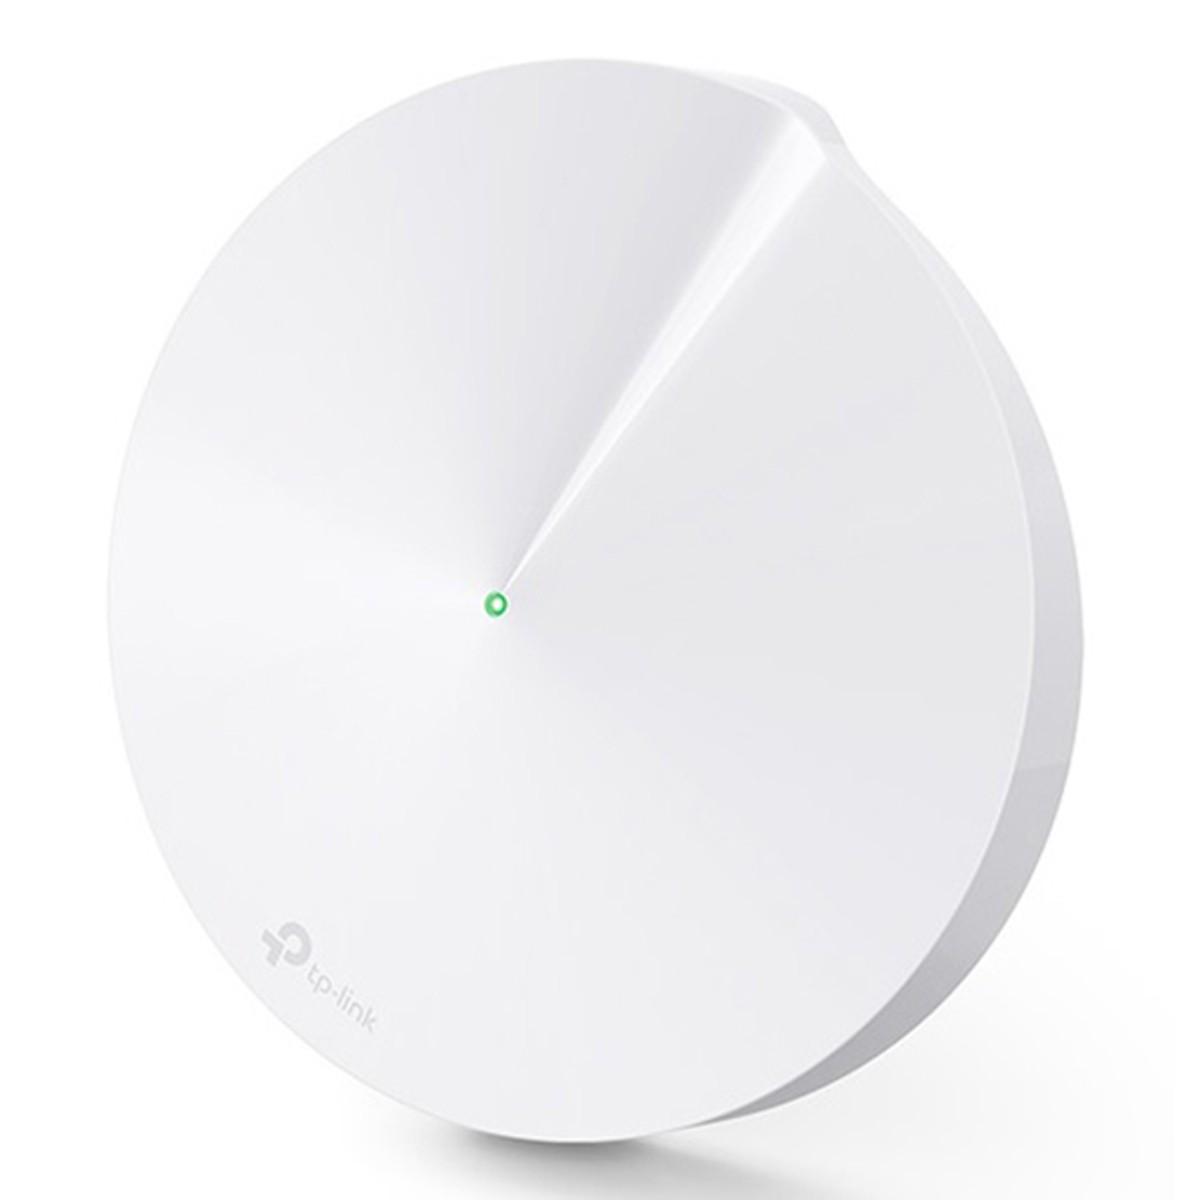 Bộ Phát Wifi Mesh TP-Link Deco M5 AC1300 (1 Pack)  - Hàng Chính Hãng